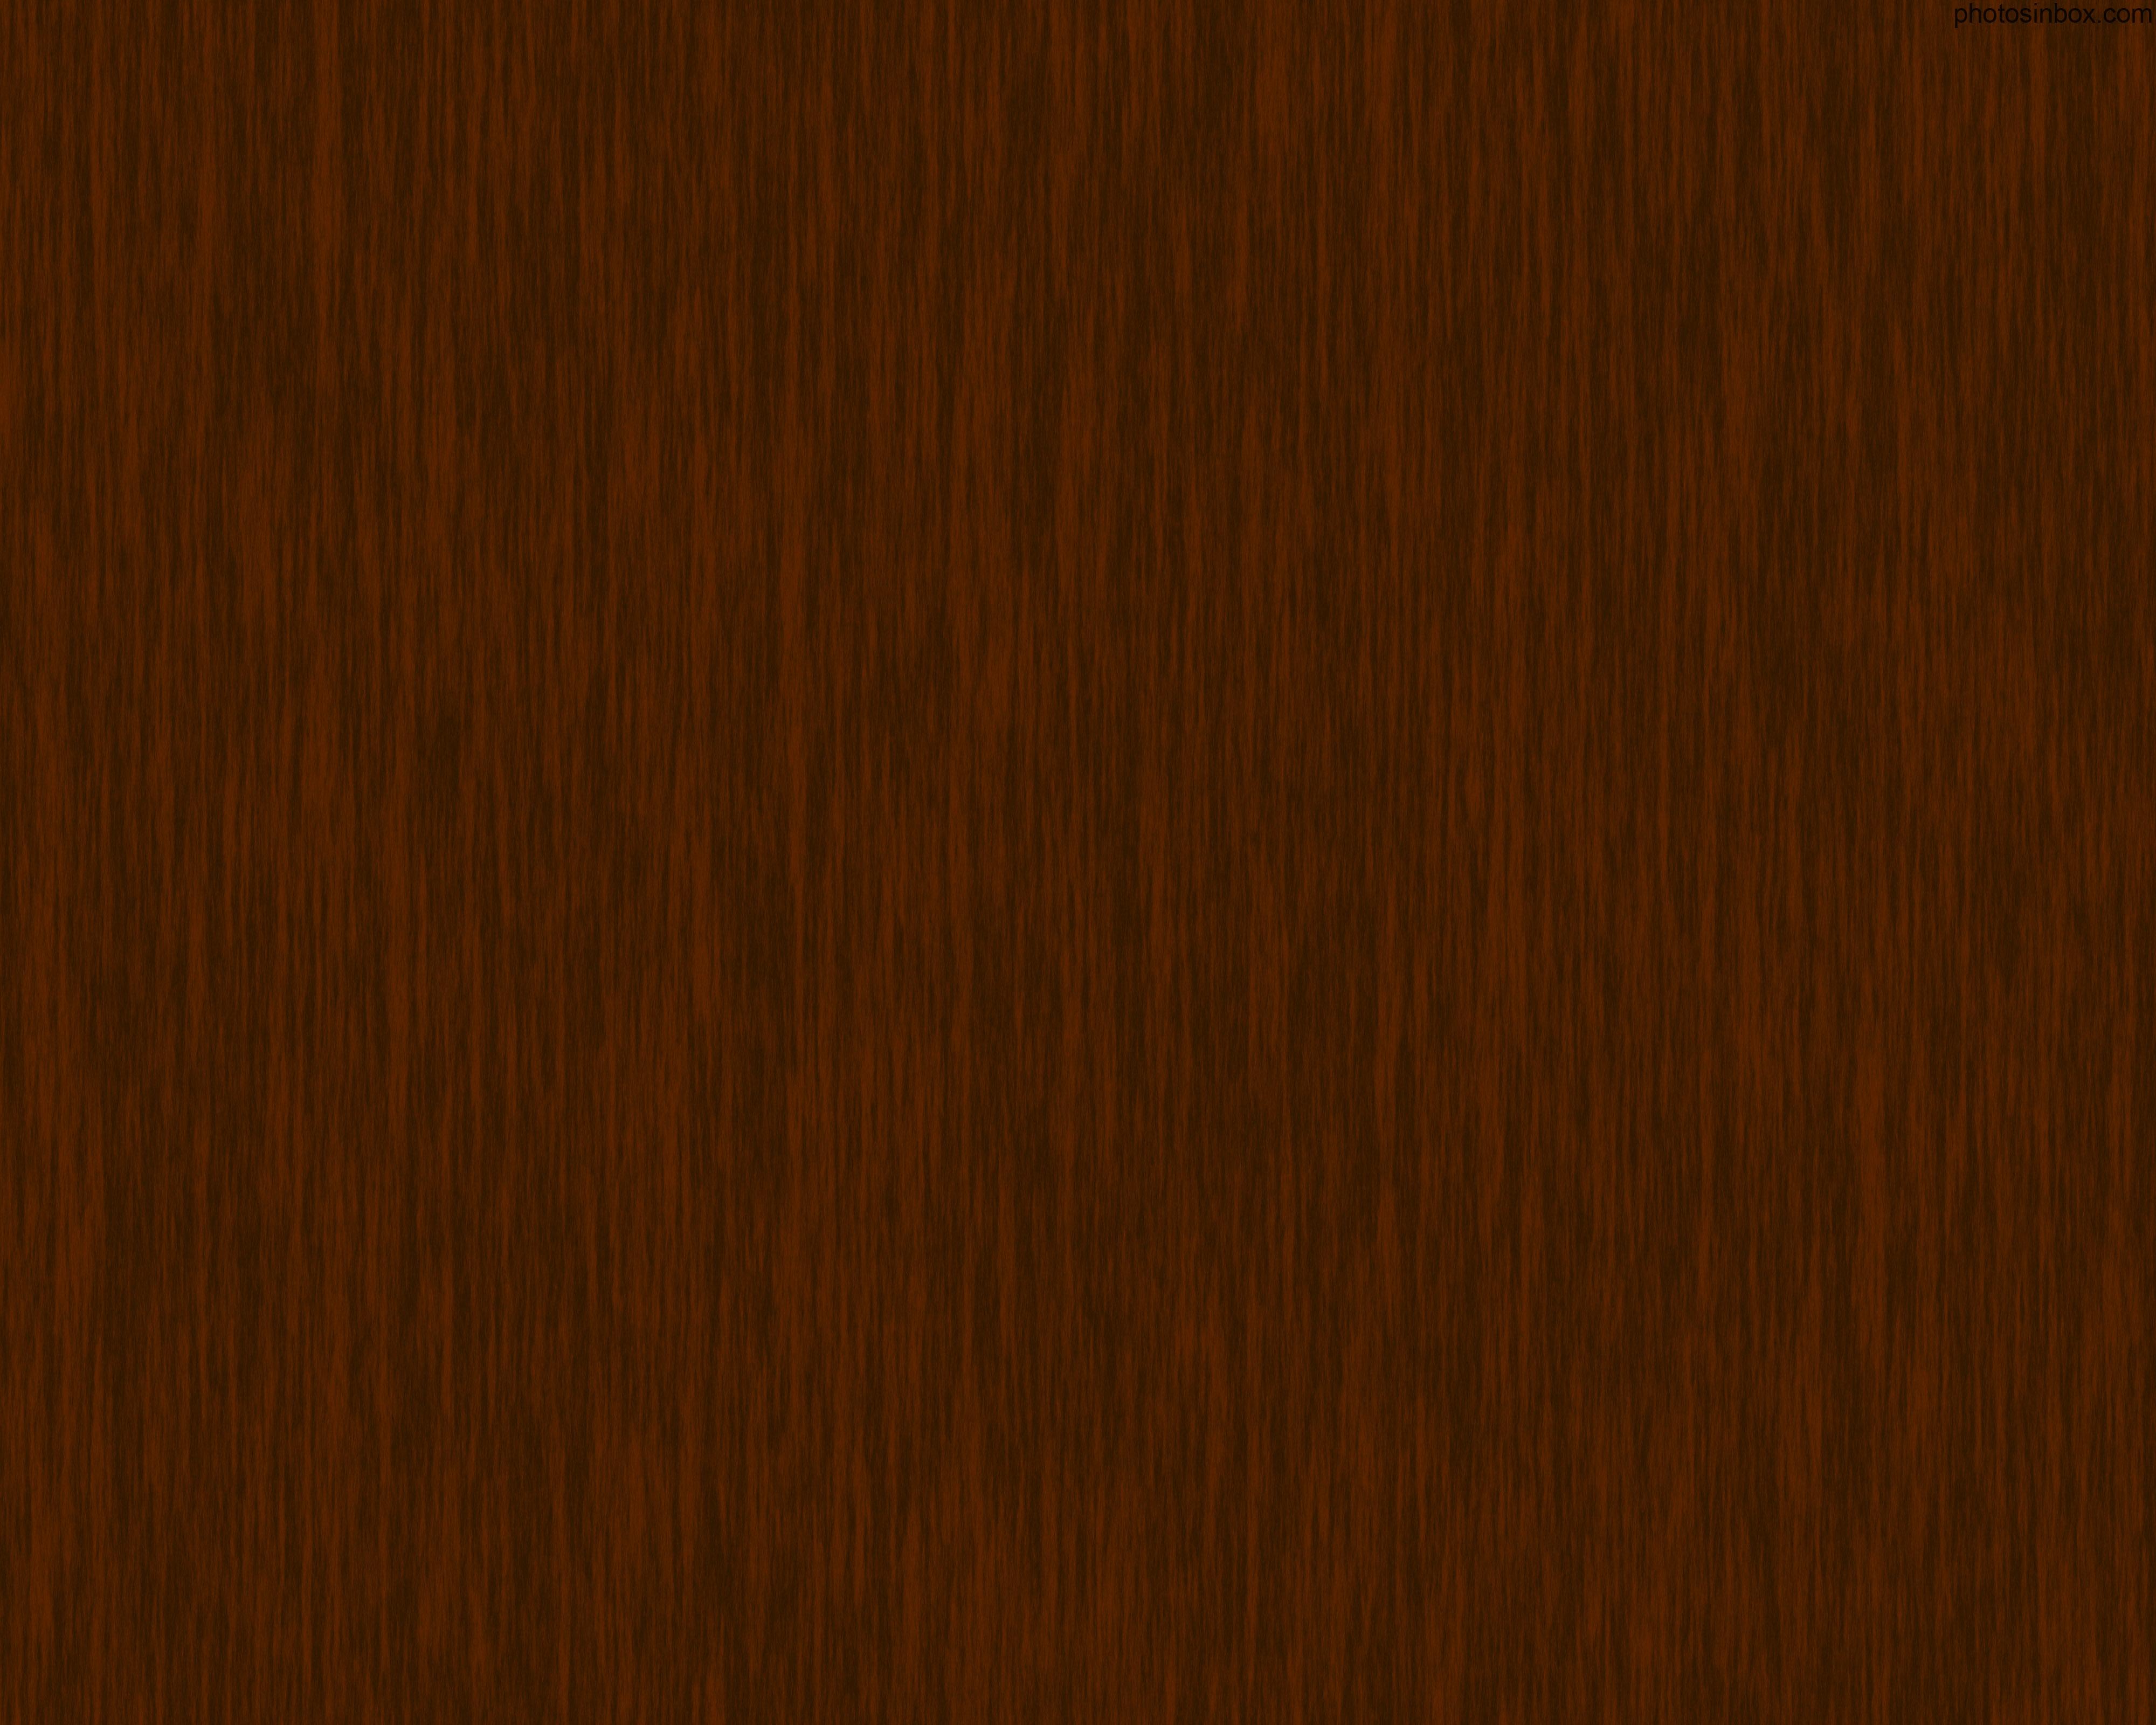 Dark Wood Desktop Wallpaper - WallpaperSafari